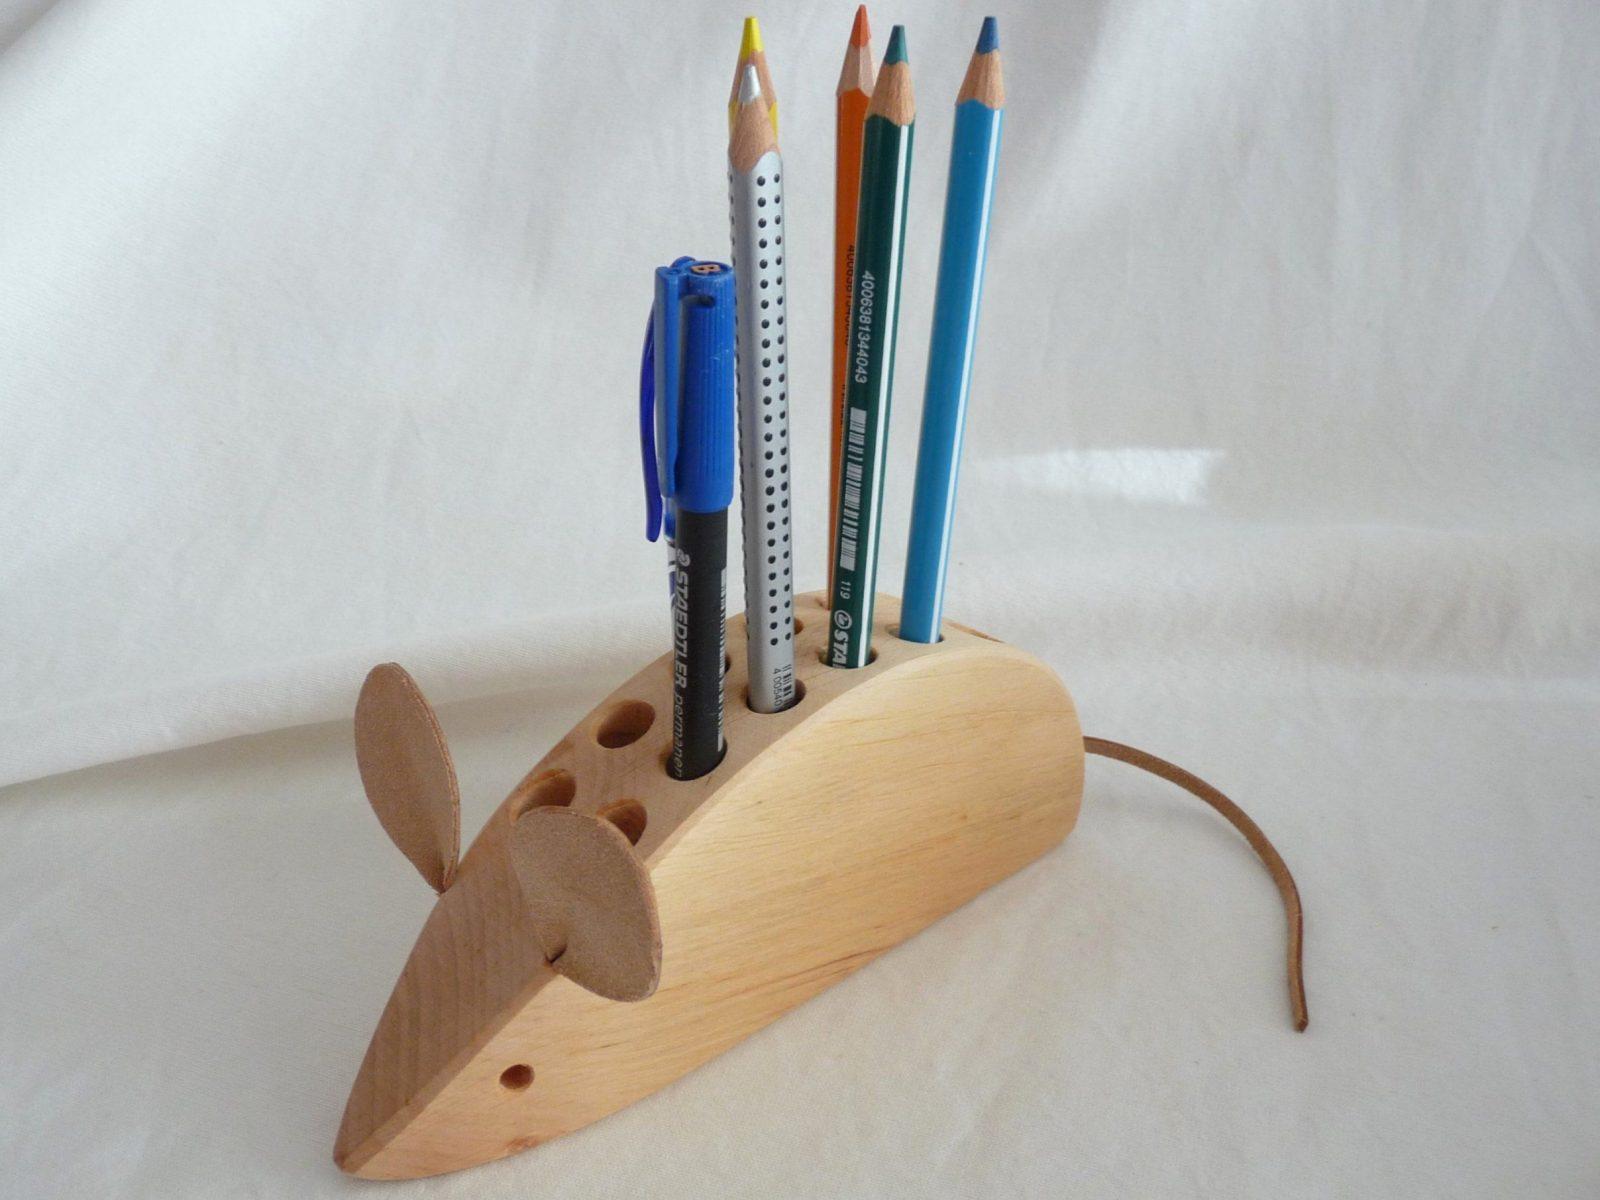 Perfekt Stiftehalter Aus Holz 260 Individuelle Produkte Aus Der Für von Stiftehalter Holz Selber Bauen Photo